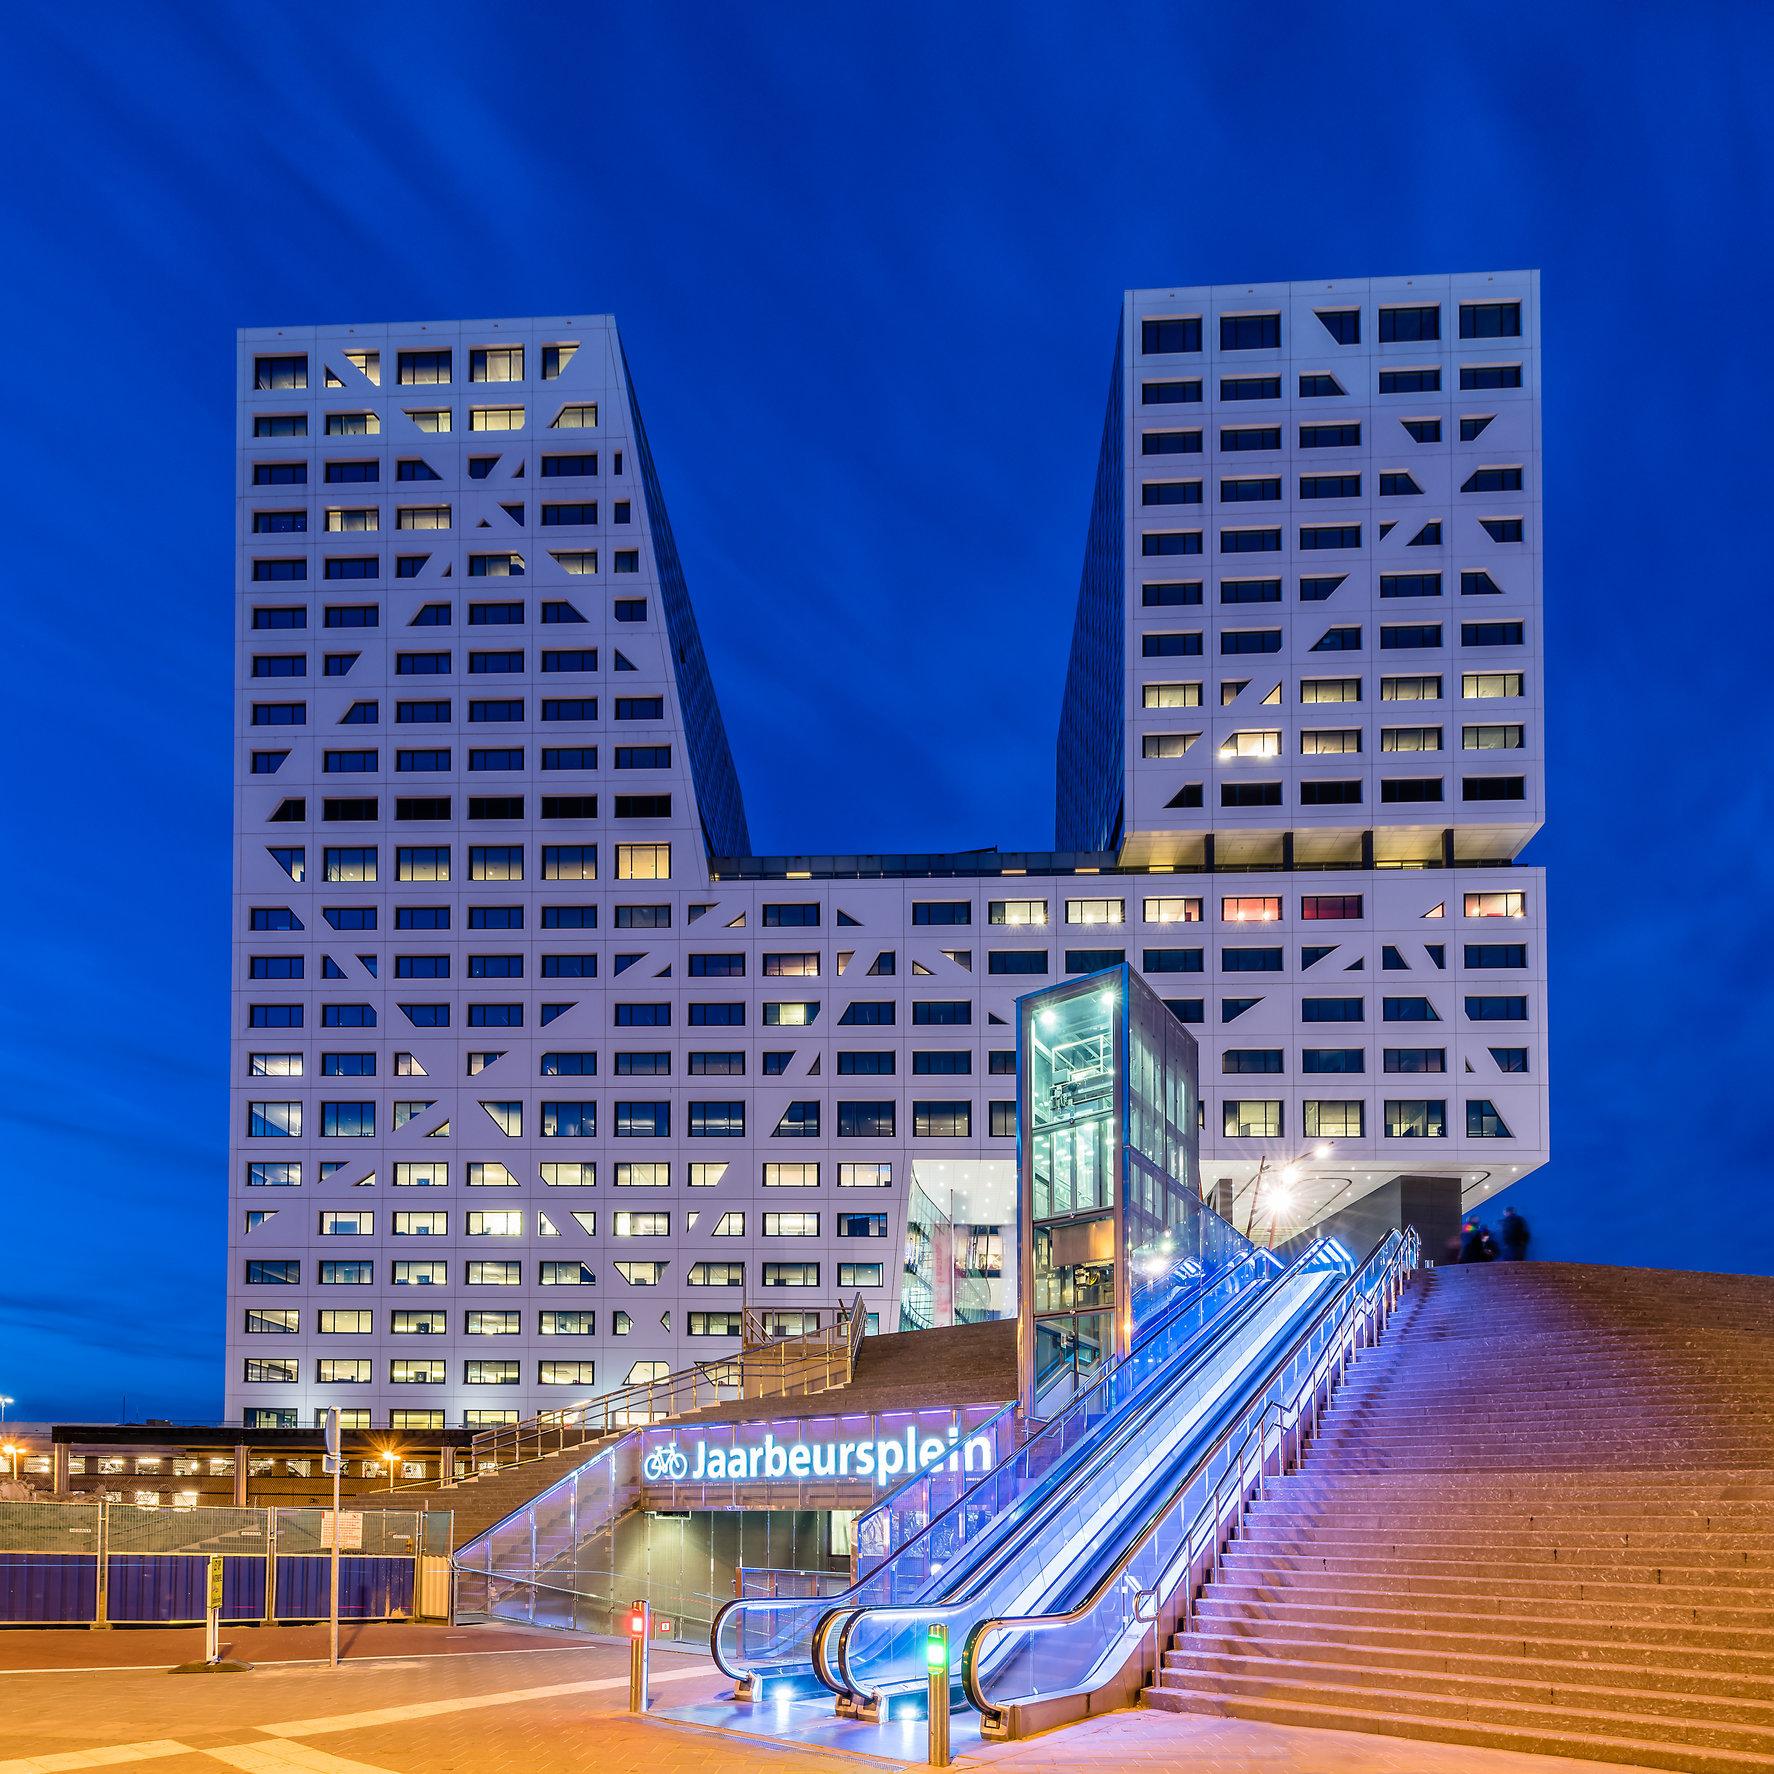 Stadskantoor Utrecht (voor de start van de bouw van WTC Utrecht)